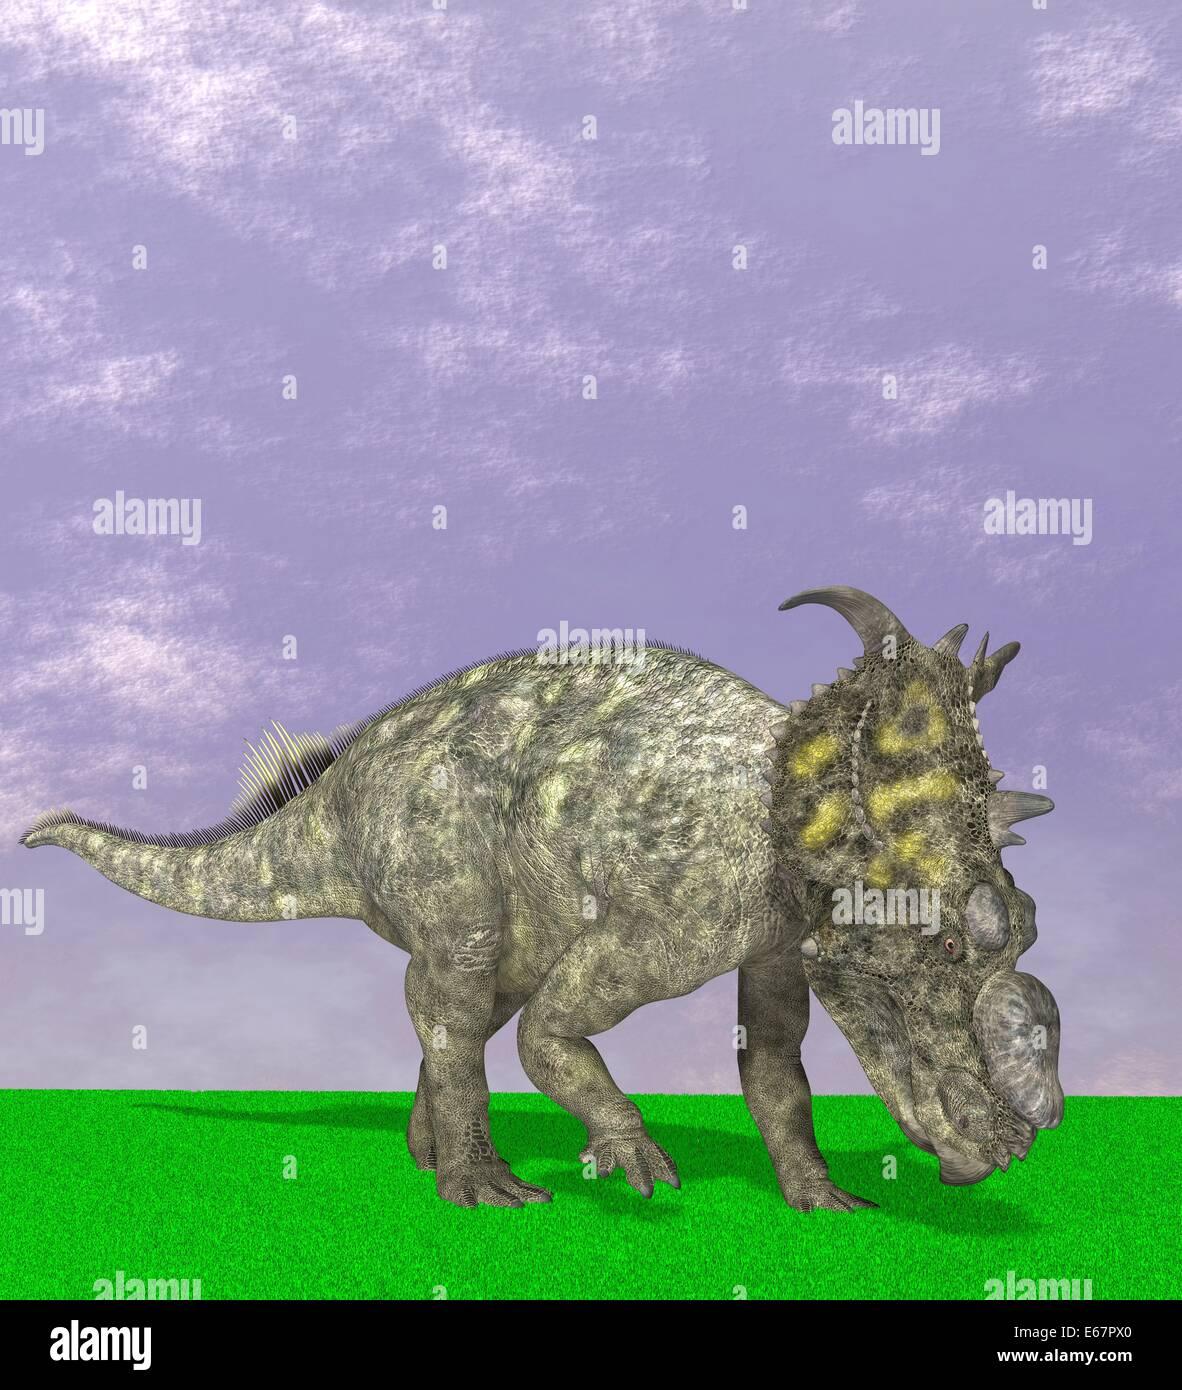 Dinosaurier Pachyrhinosaurus / dinosaur Pachyrhinosaurus Stock Photo